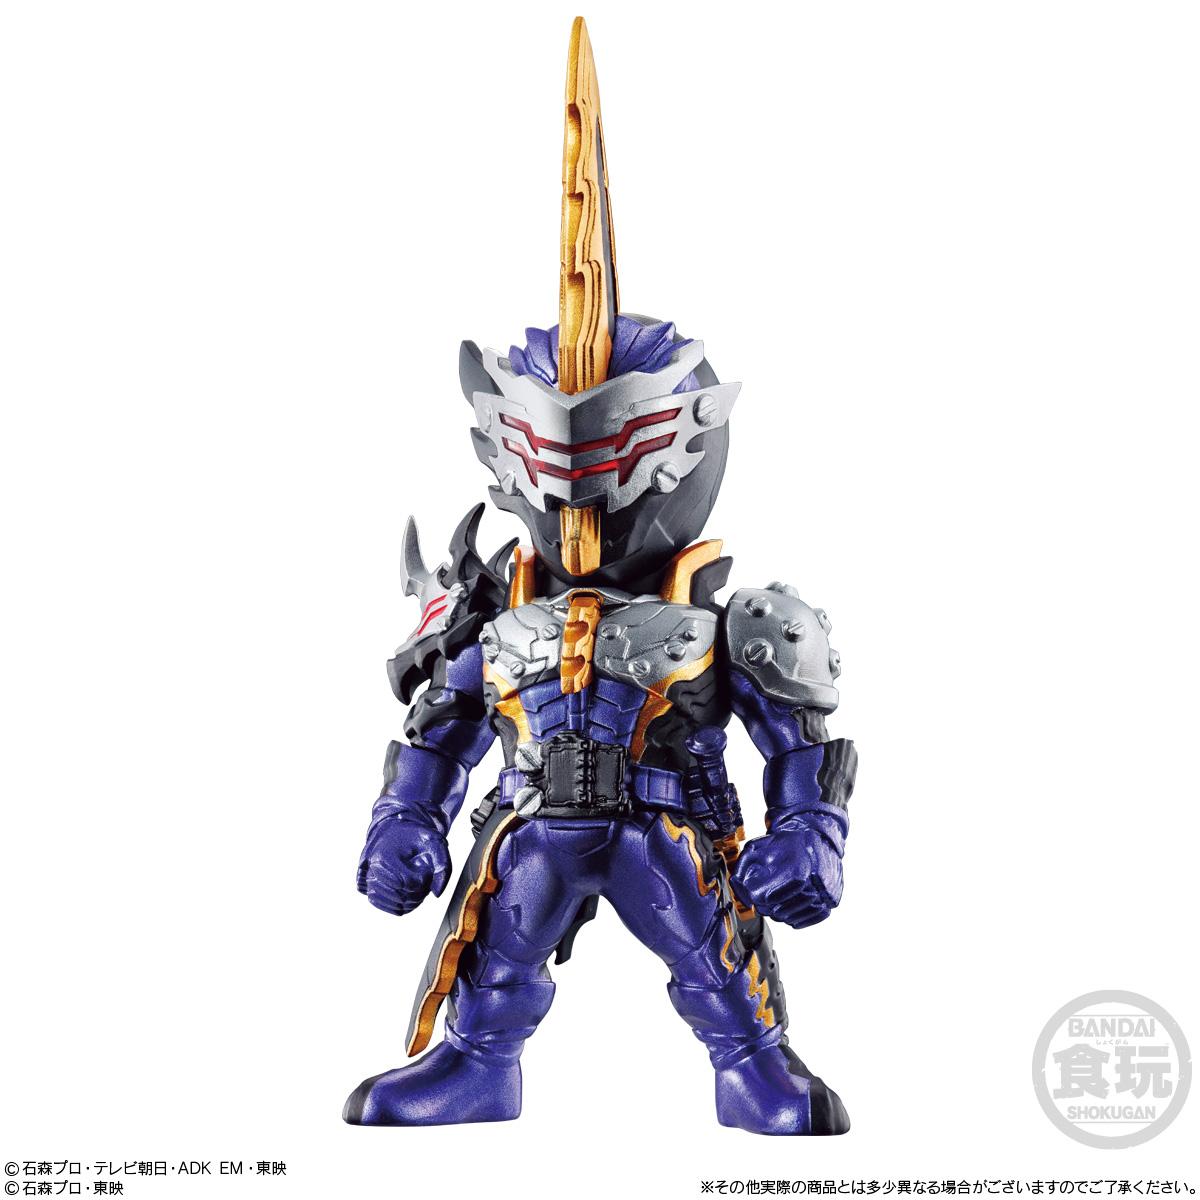 【食玩】コンバージ仮面ライダー『CONVERGE KAMEN RIDER 20』10個入りBOX-004